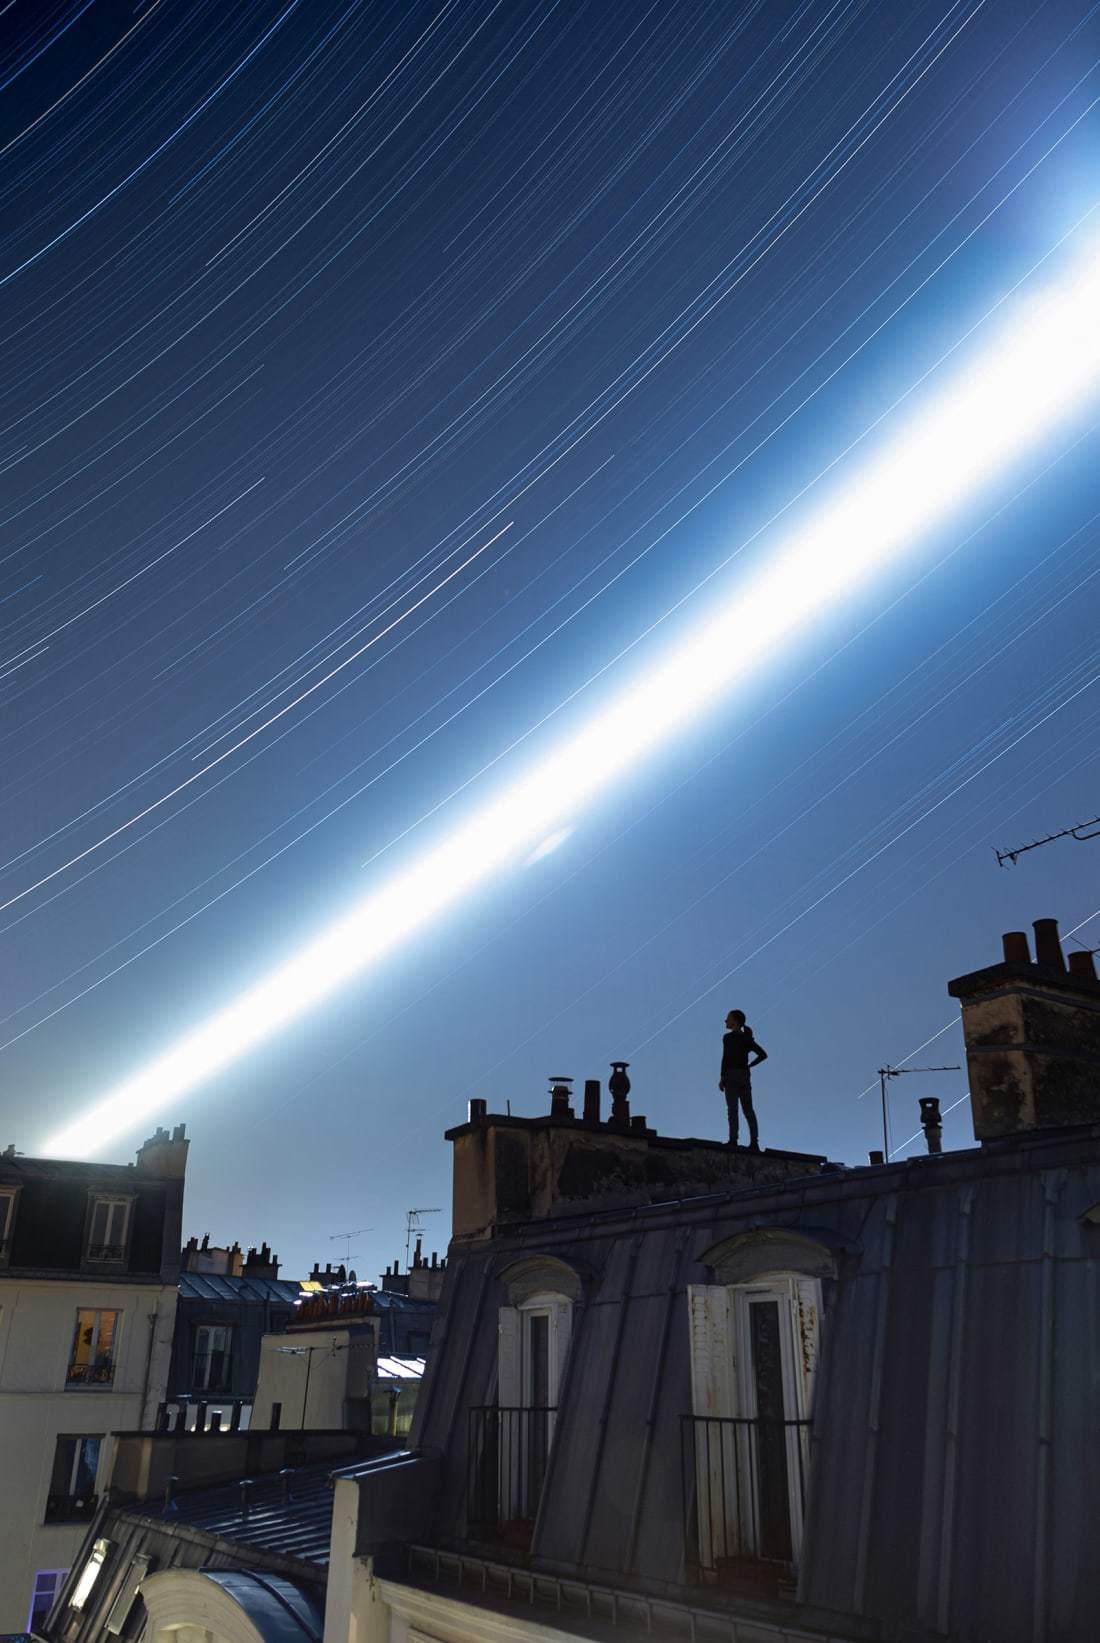 Mãn nhãn ngắm những bức ảnh thiên văn đẹp nhất năm 2021